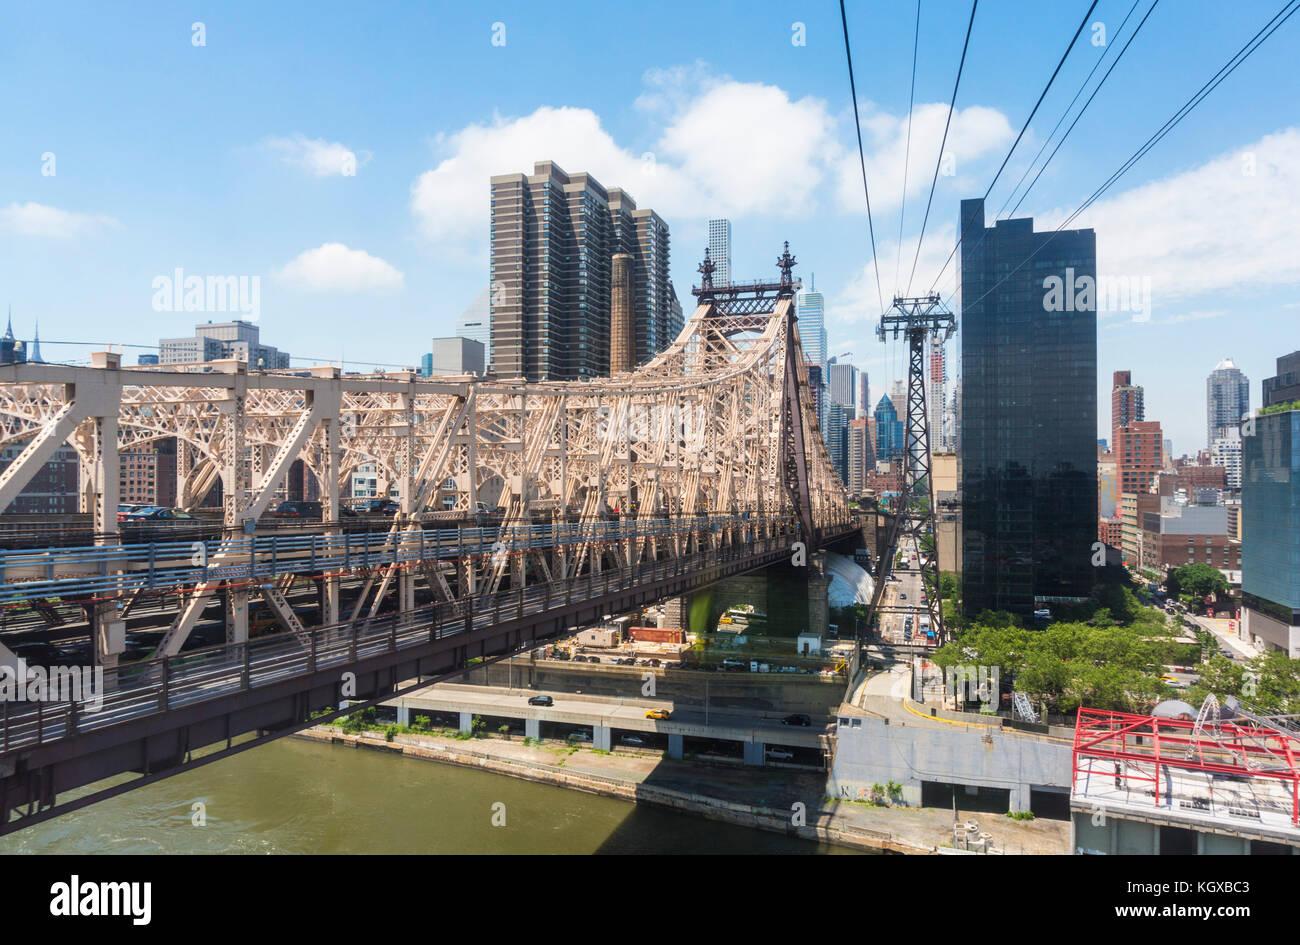 New York USA New York ed Koch Queensborough Bridge über Roosevelt Island und dem East River Queens mit Manhattan Stockbild